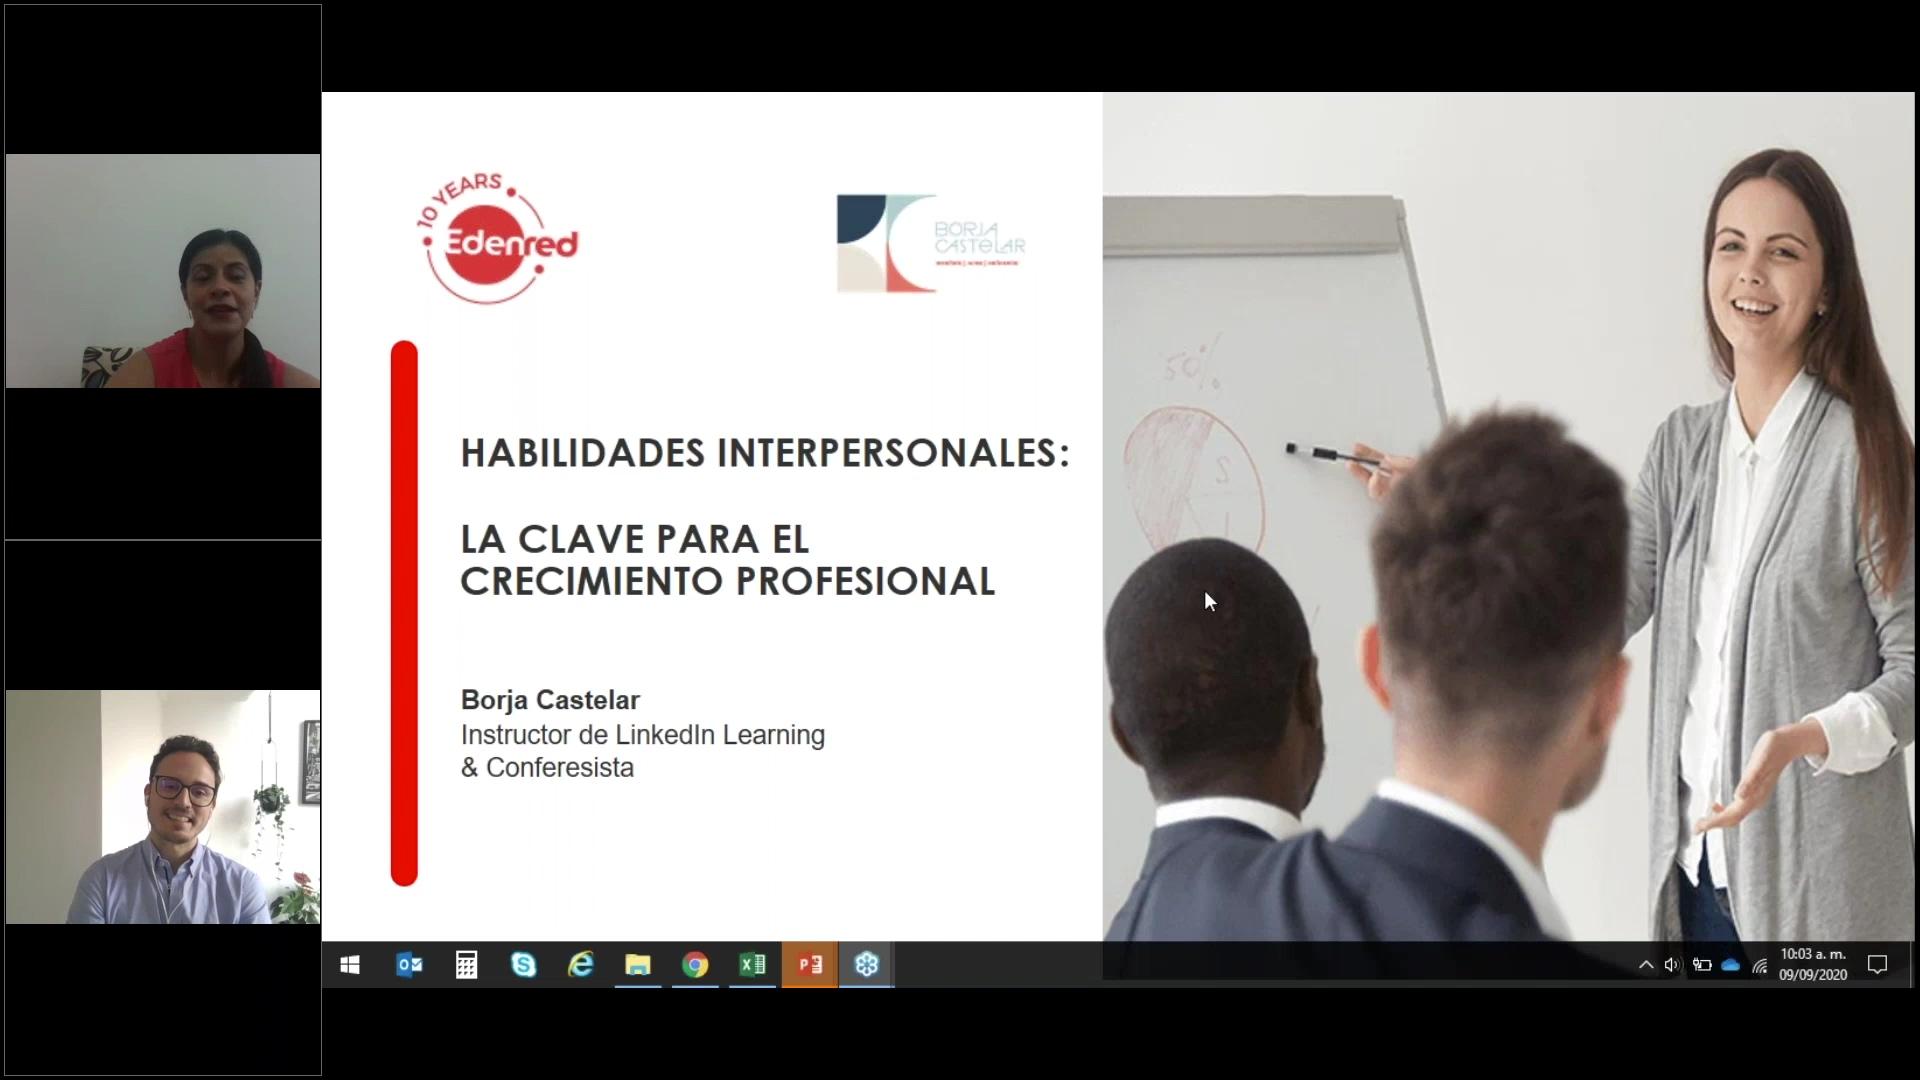 60 clip webinar Habilidades interpersonales la clave para el crecimiento profesional